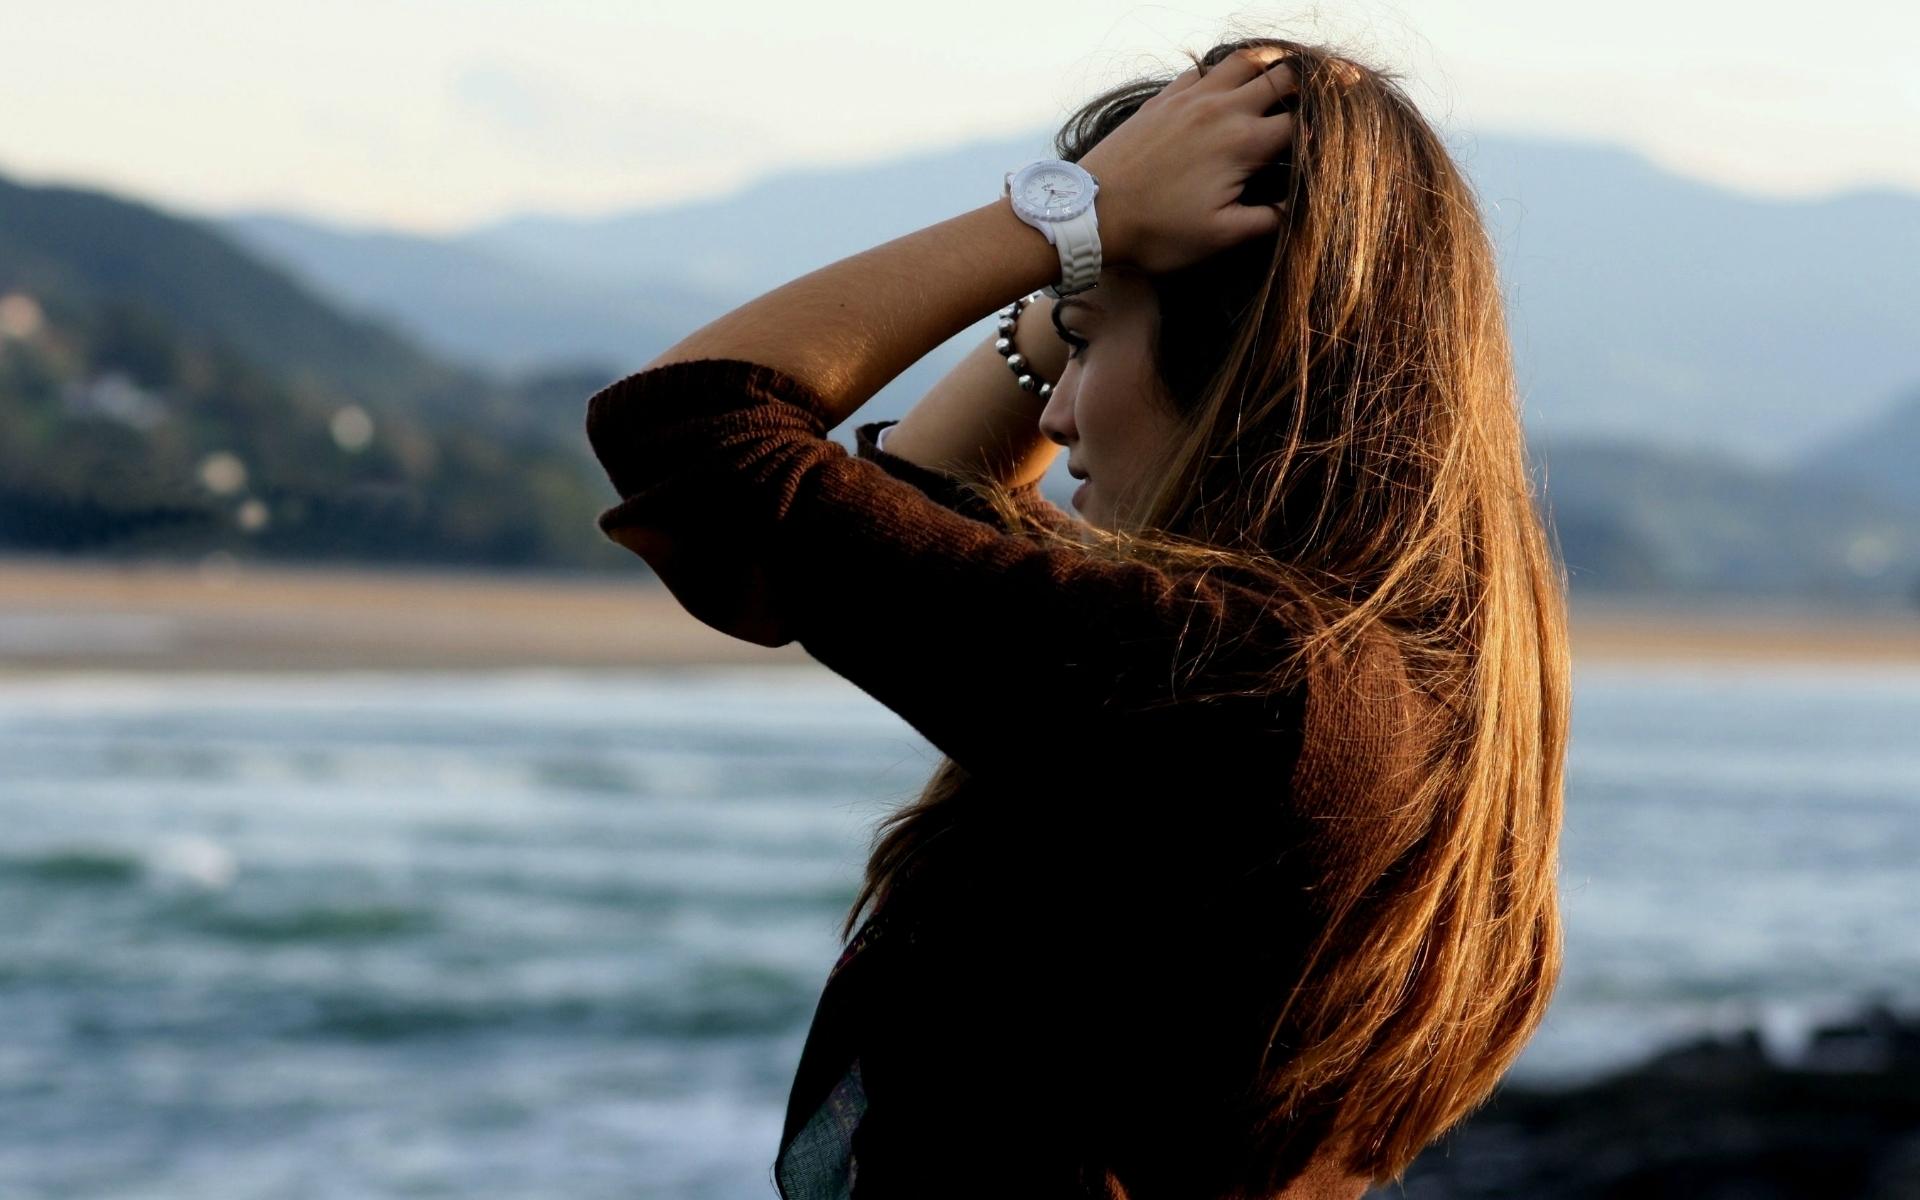 Фото девушка сбоку на аву